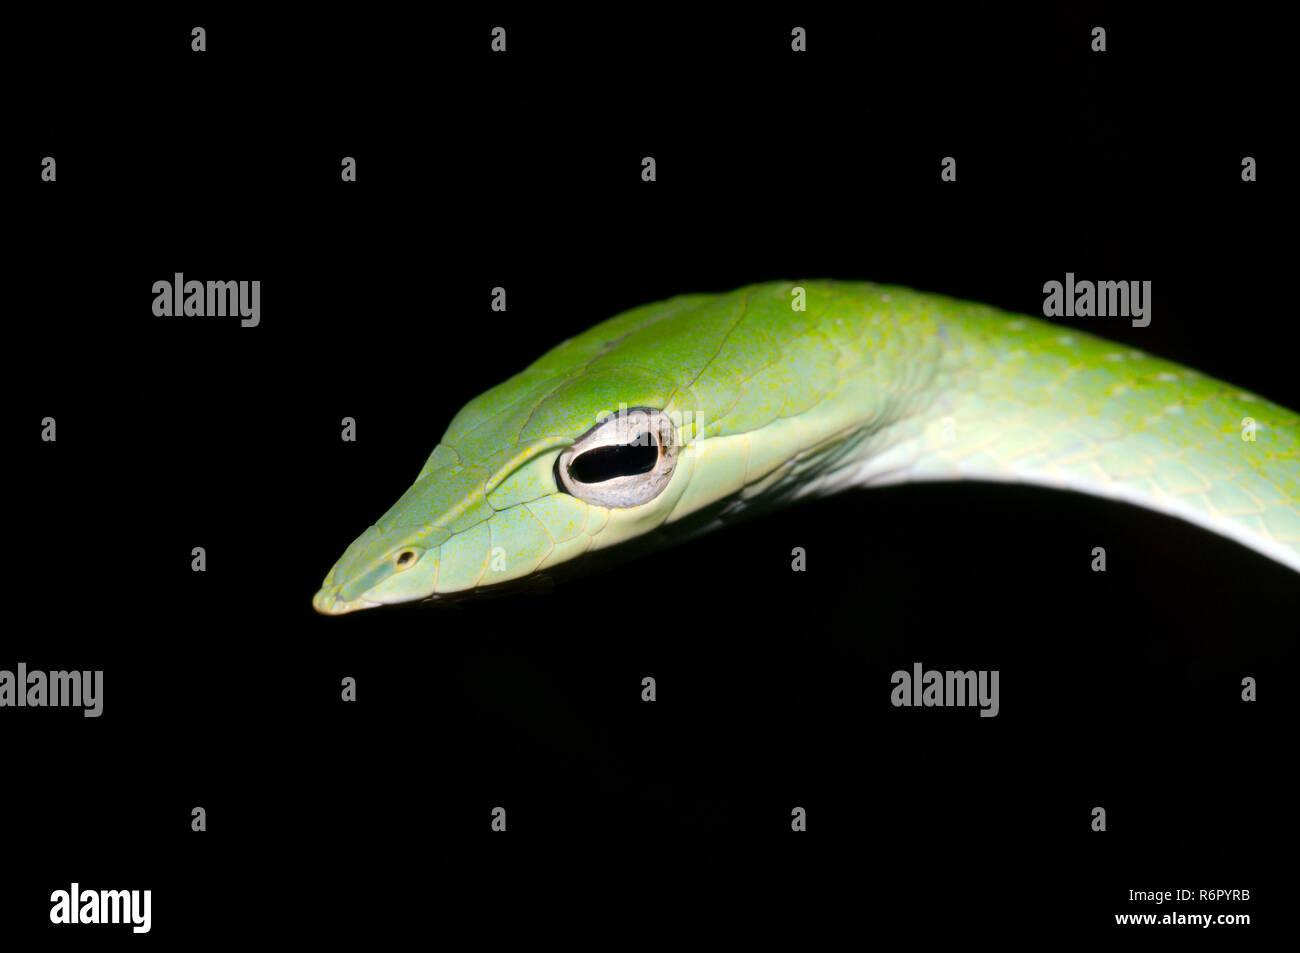 Arbre généalogique bec long serpent, serpent de vigne verte, Whip bec long serpent ou serpent de vigne asiatique (Ahaetulla nasuta) la réserve forestière de Sinharaja, parc national, Sinhara Banque D'Images